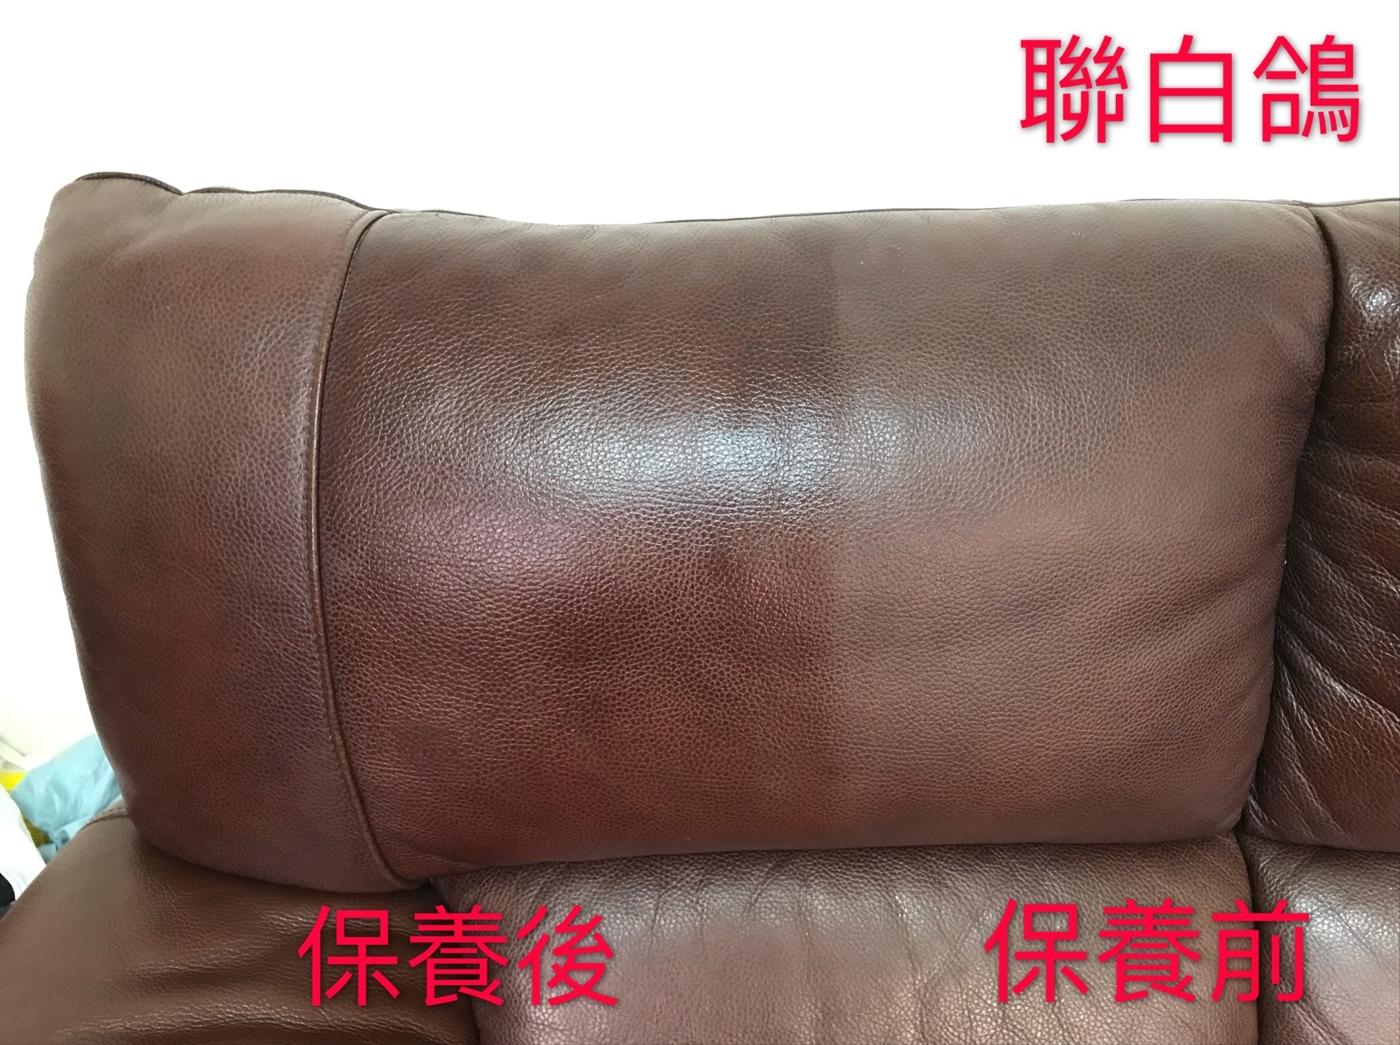 皮革保養乳液一皮沙發保養.真皮沙發保養.單人皮沙發.雙人皮沙發保養.沙發保養.牛皮沙發保養